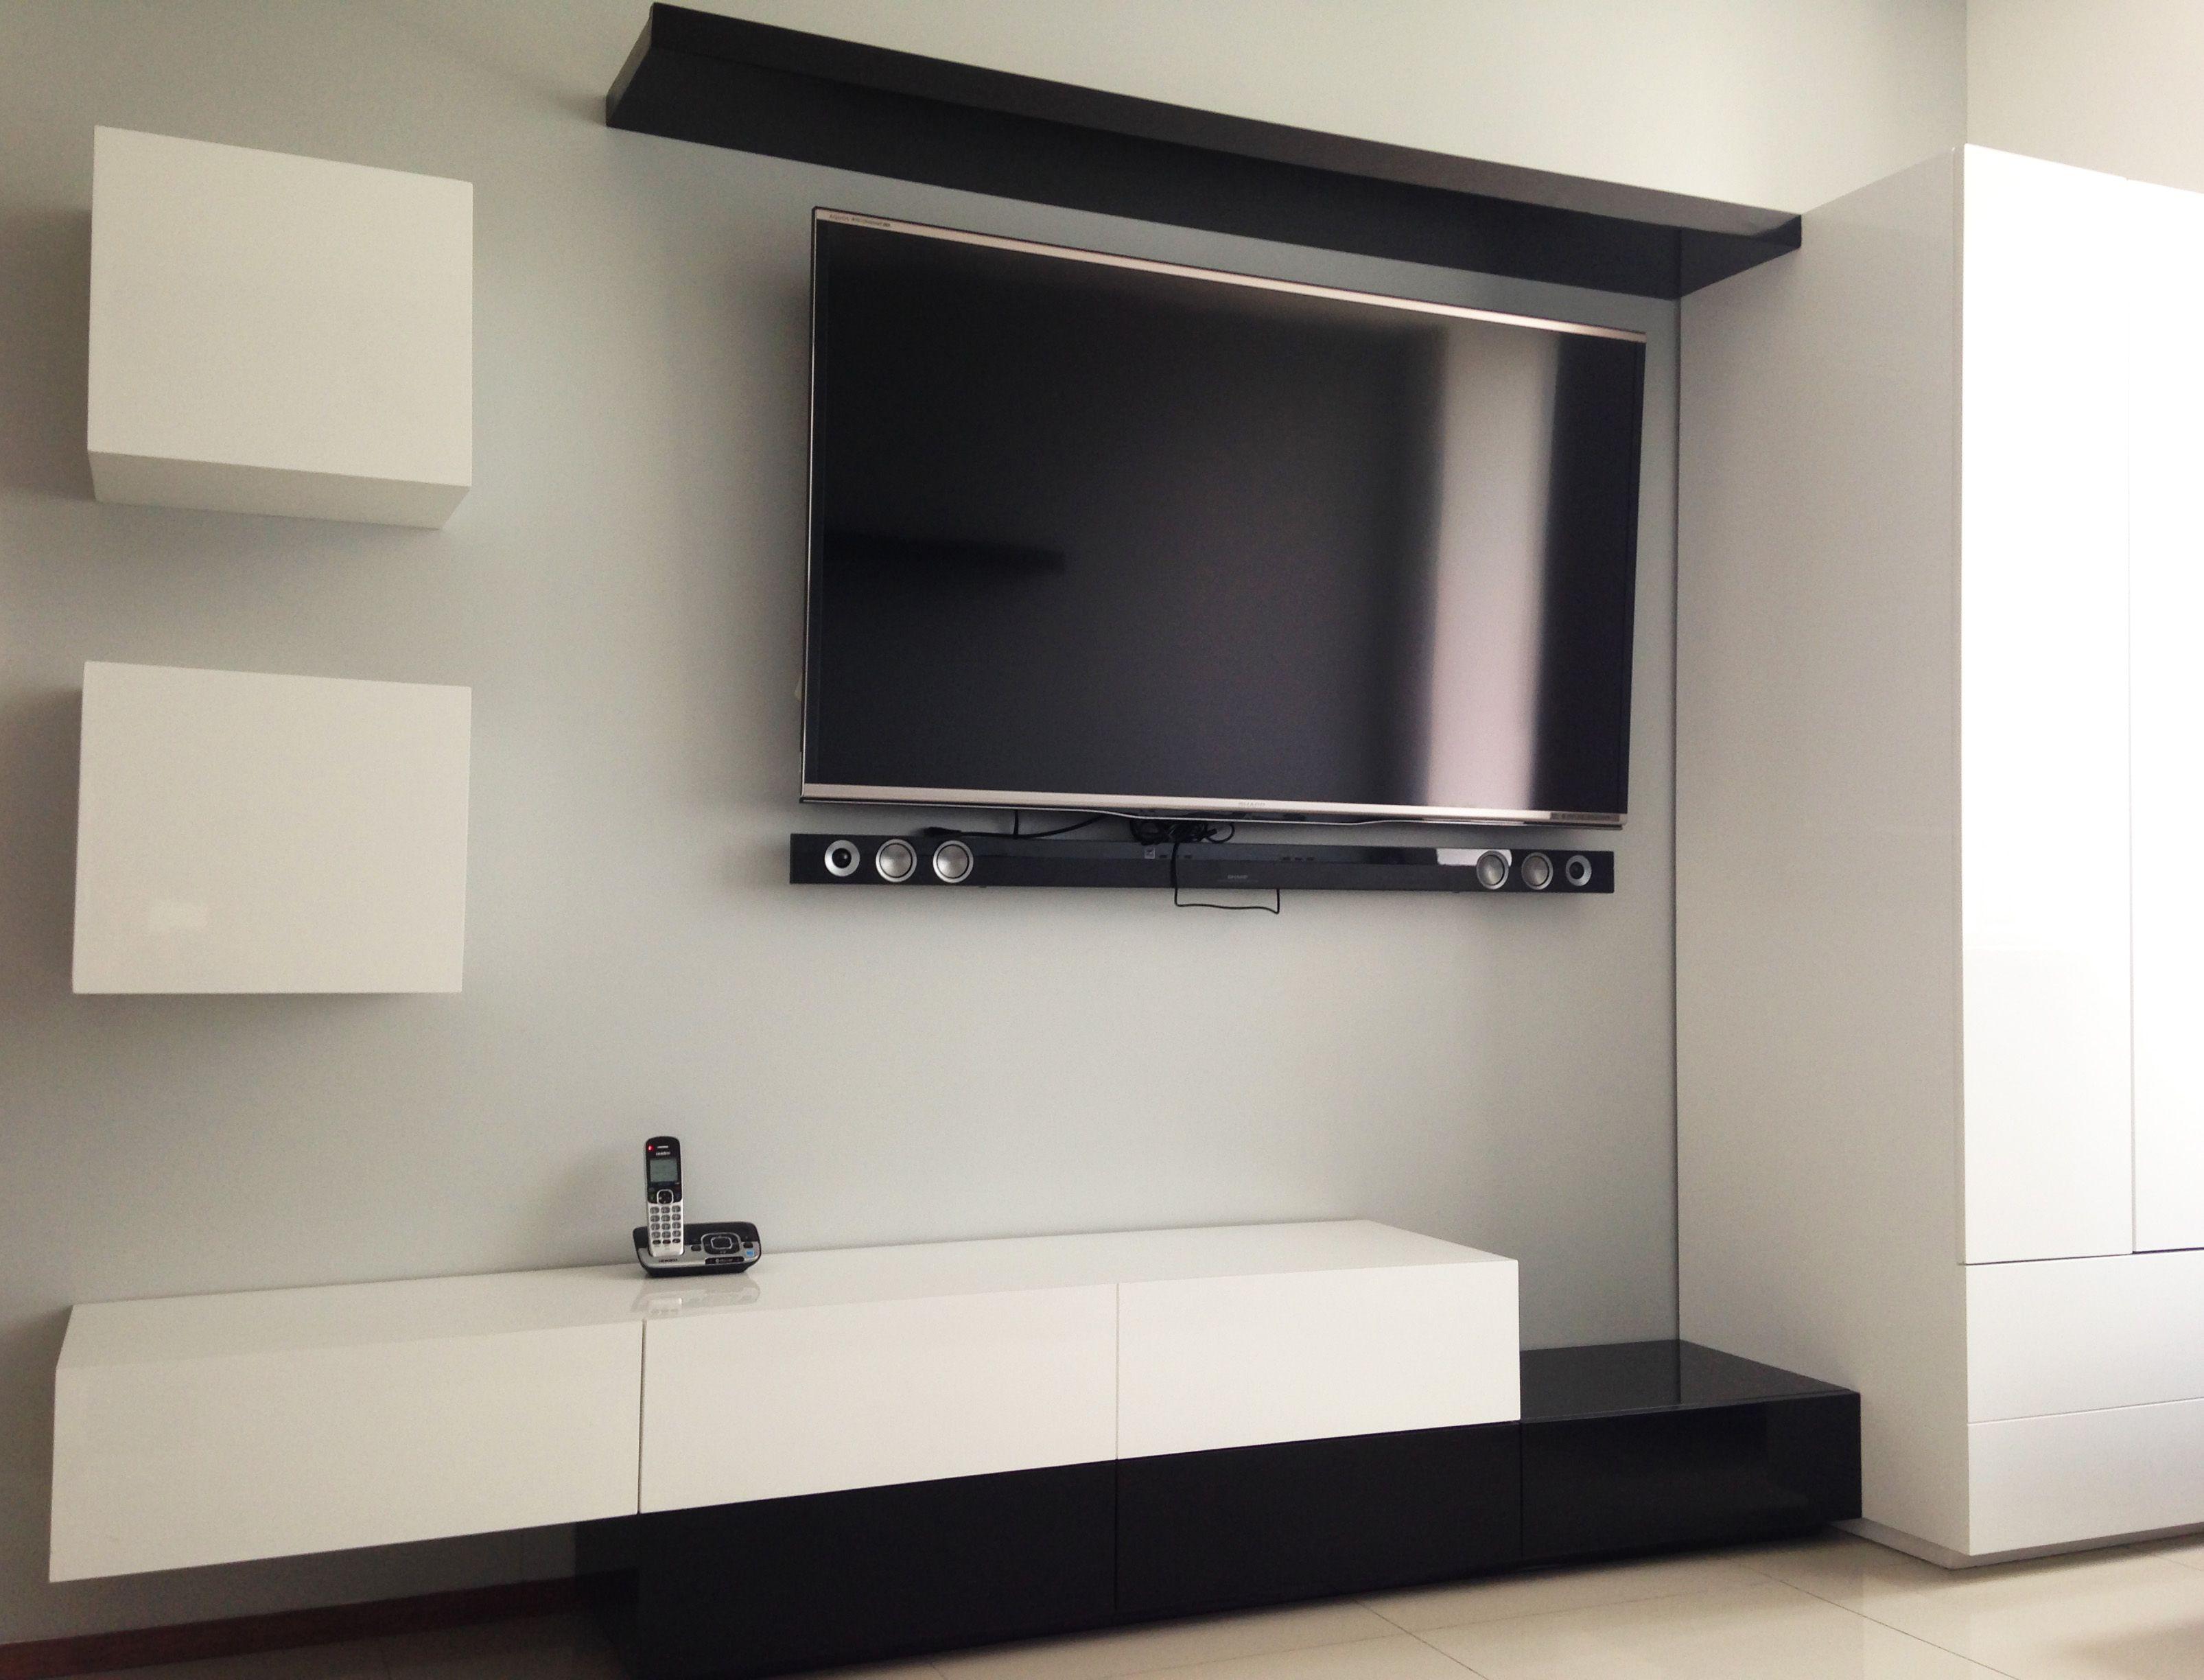 Mueble para sala de TV, en blanco y negro al alto brillo | Mi ...